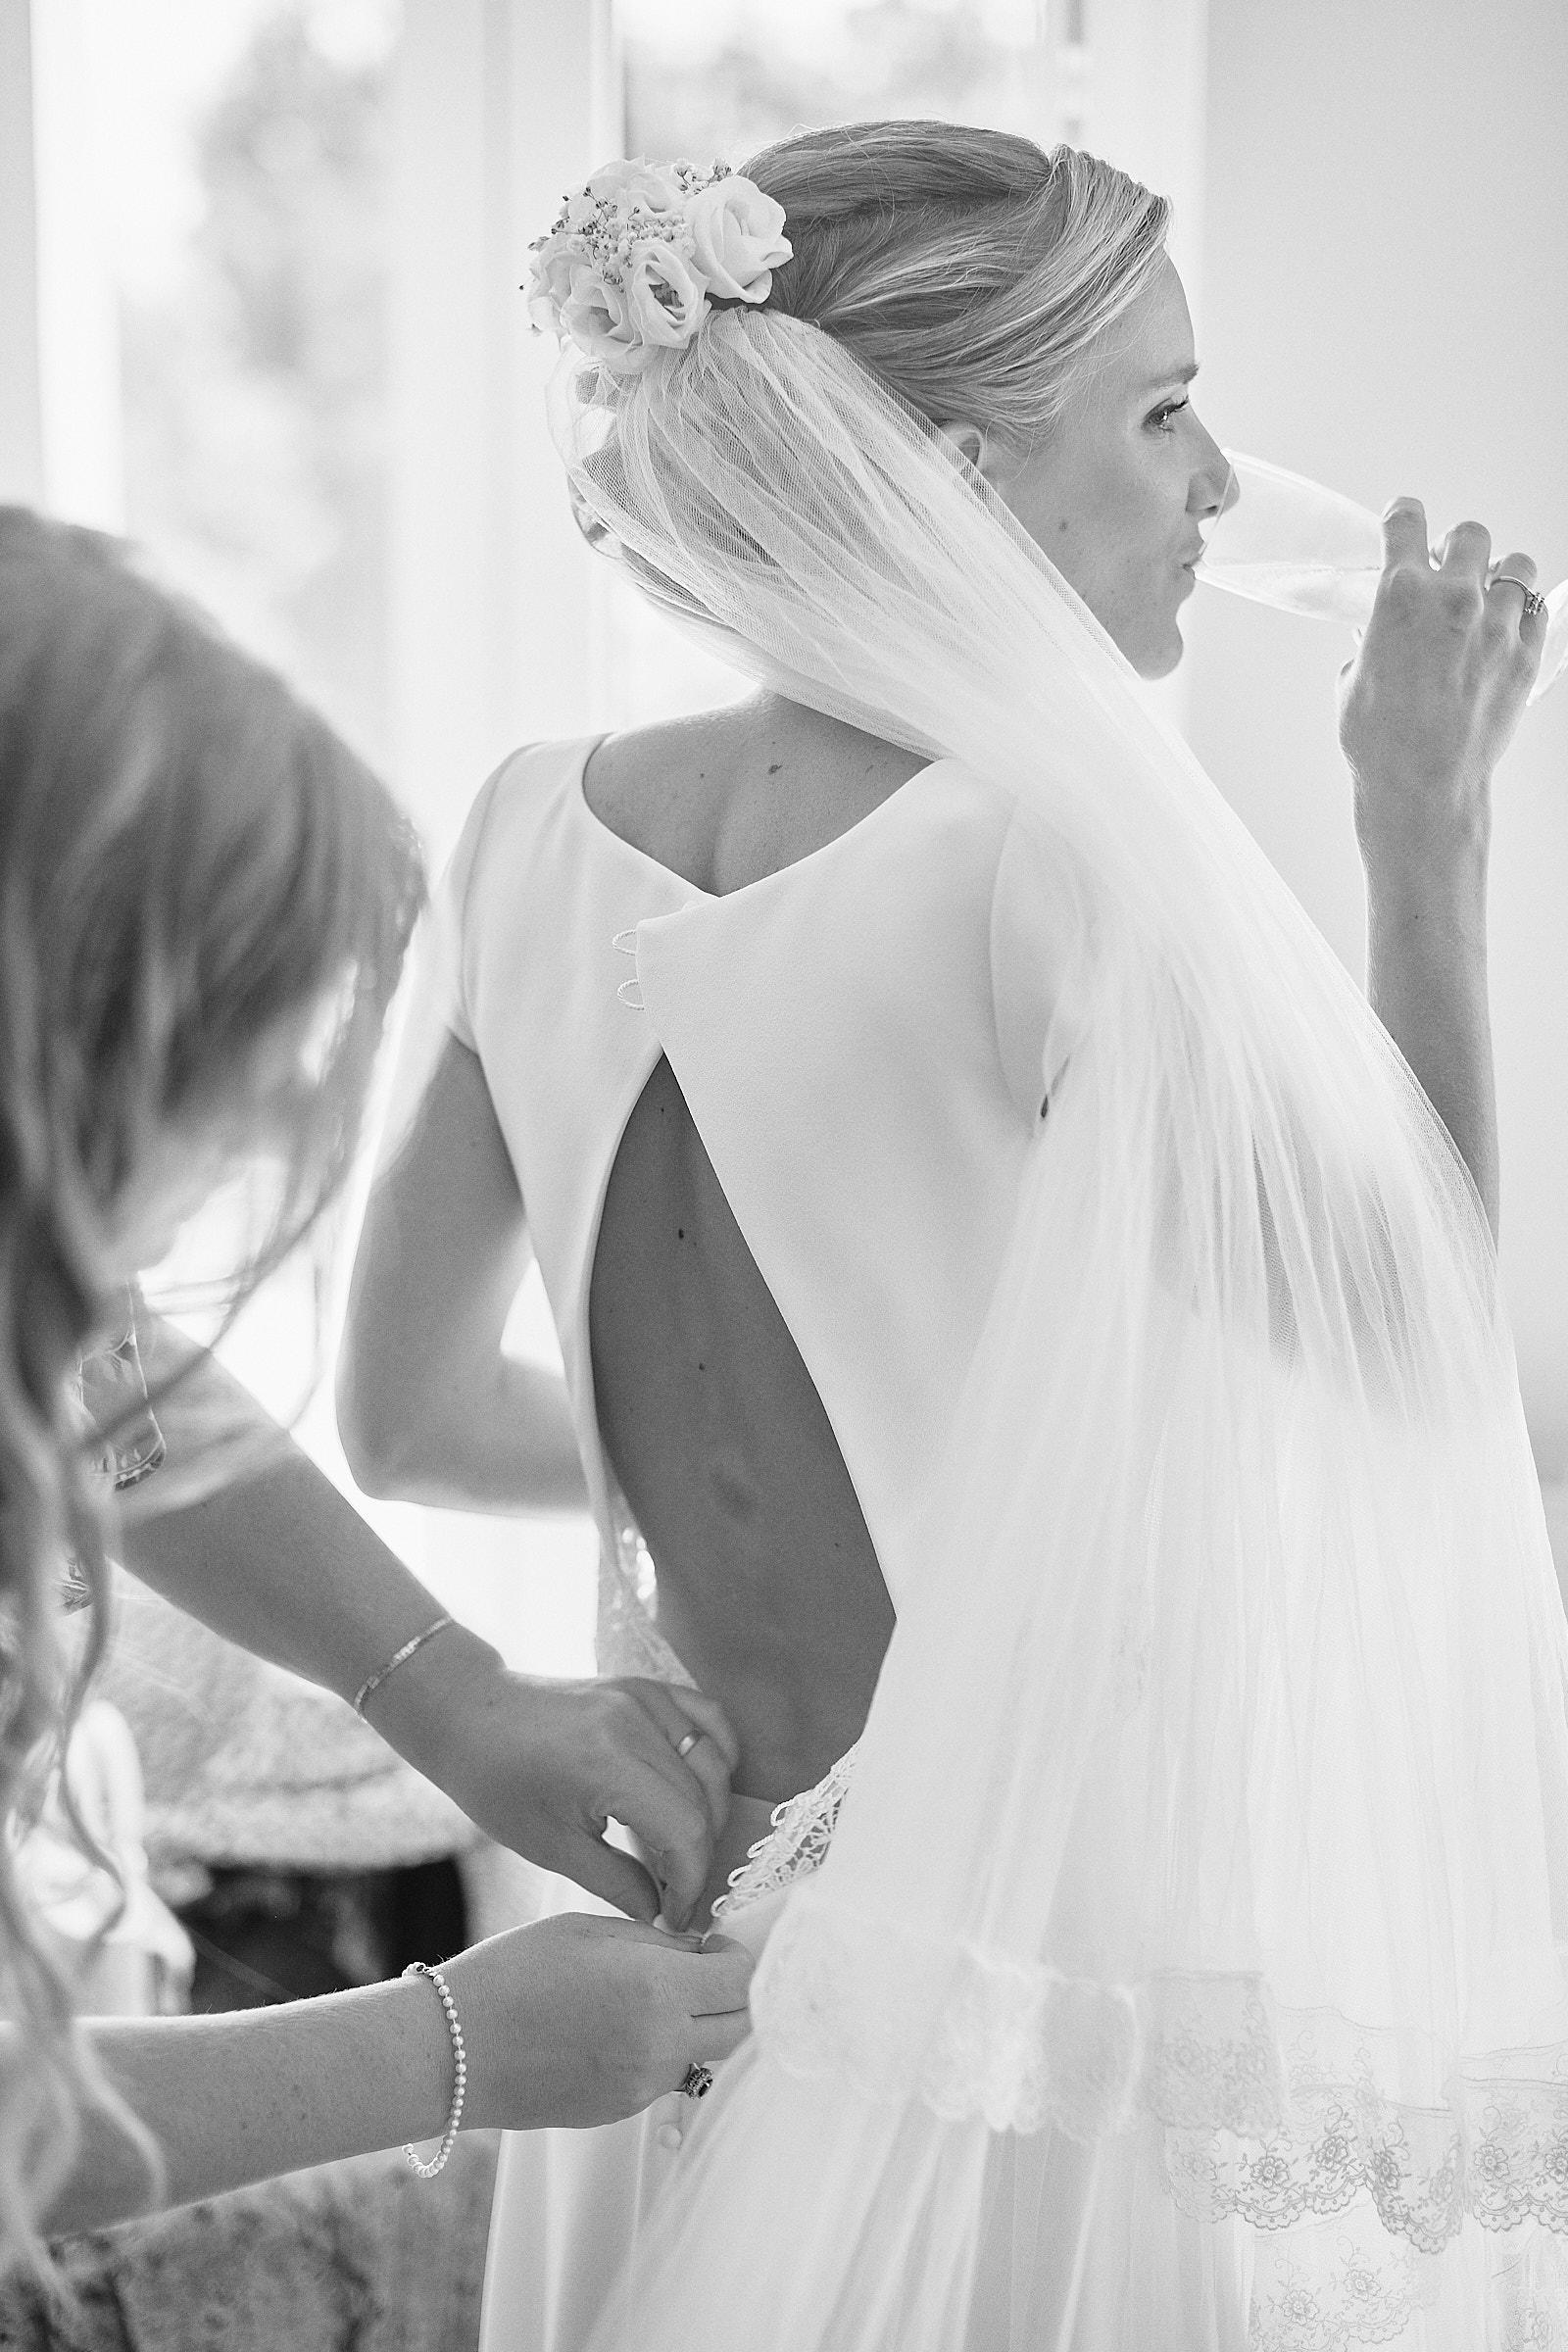 la mariée boit une coupe de champagne